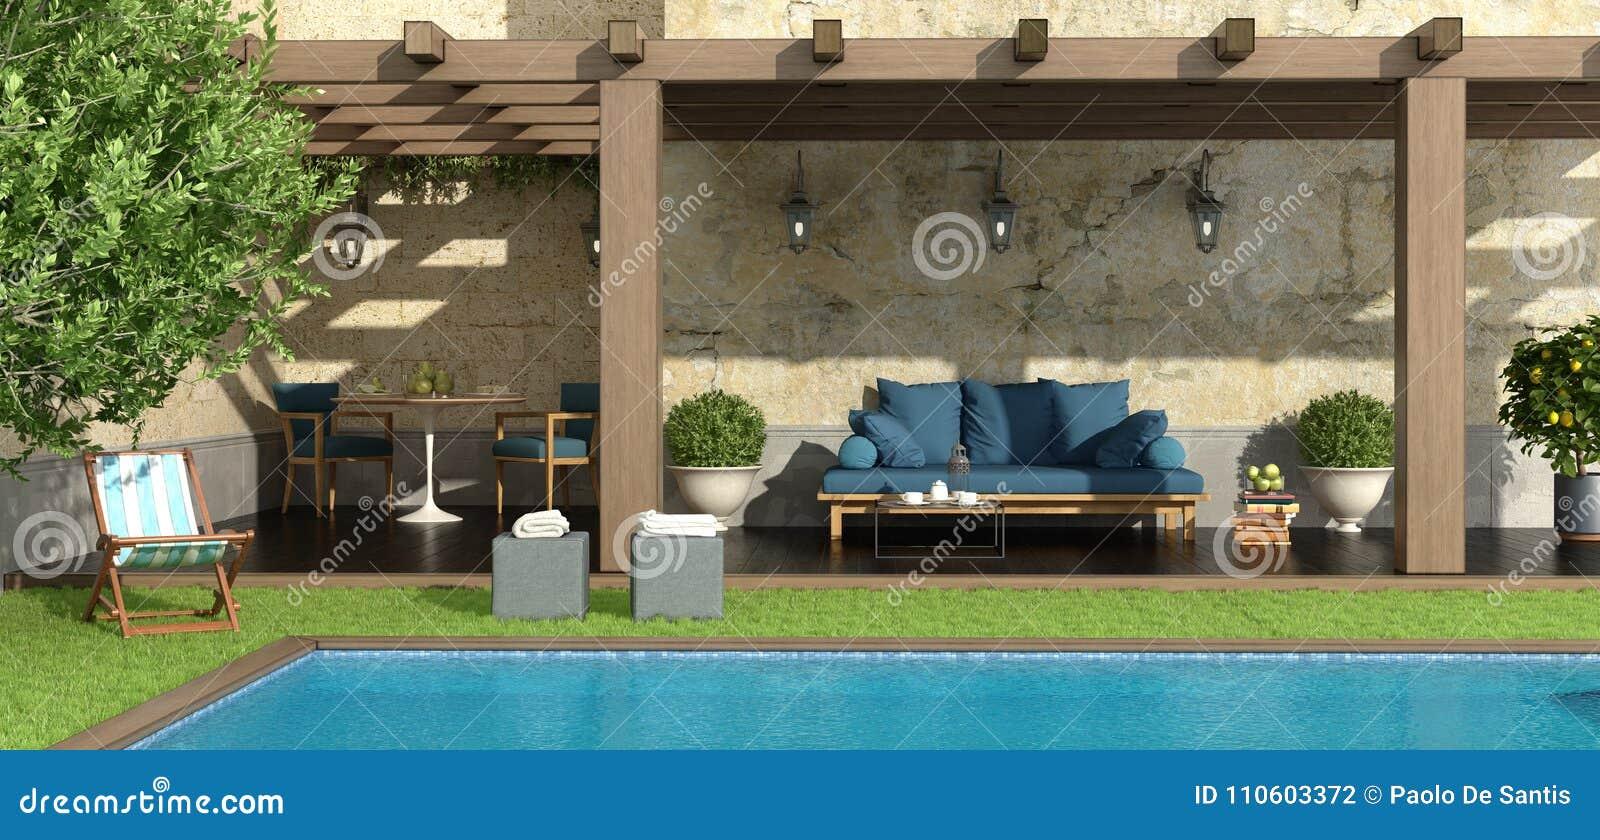 Jardin avec la pergola et la piscine illustration stock illustration du herbe rustique 110603372 - Pergola piscine ...